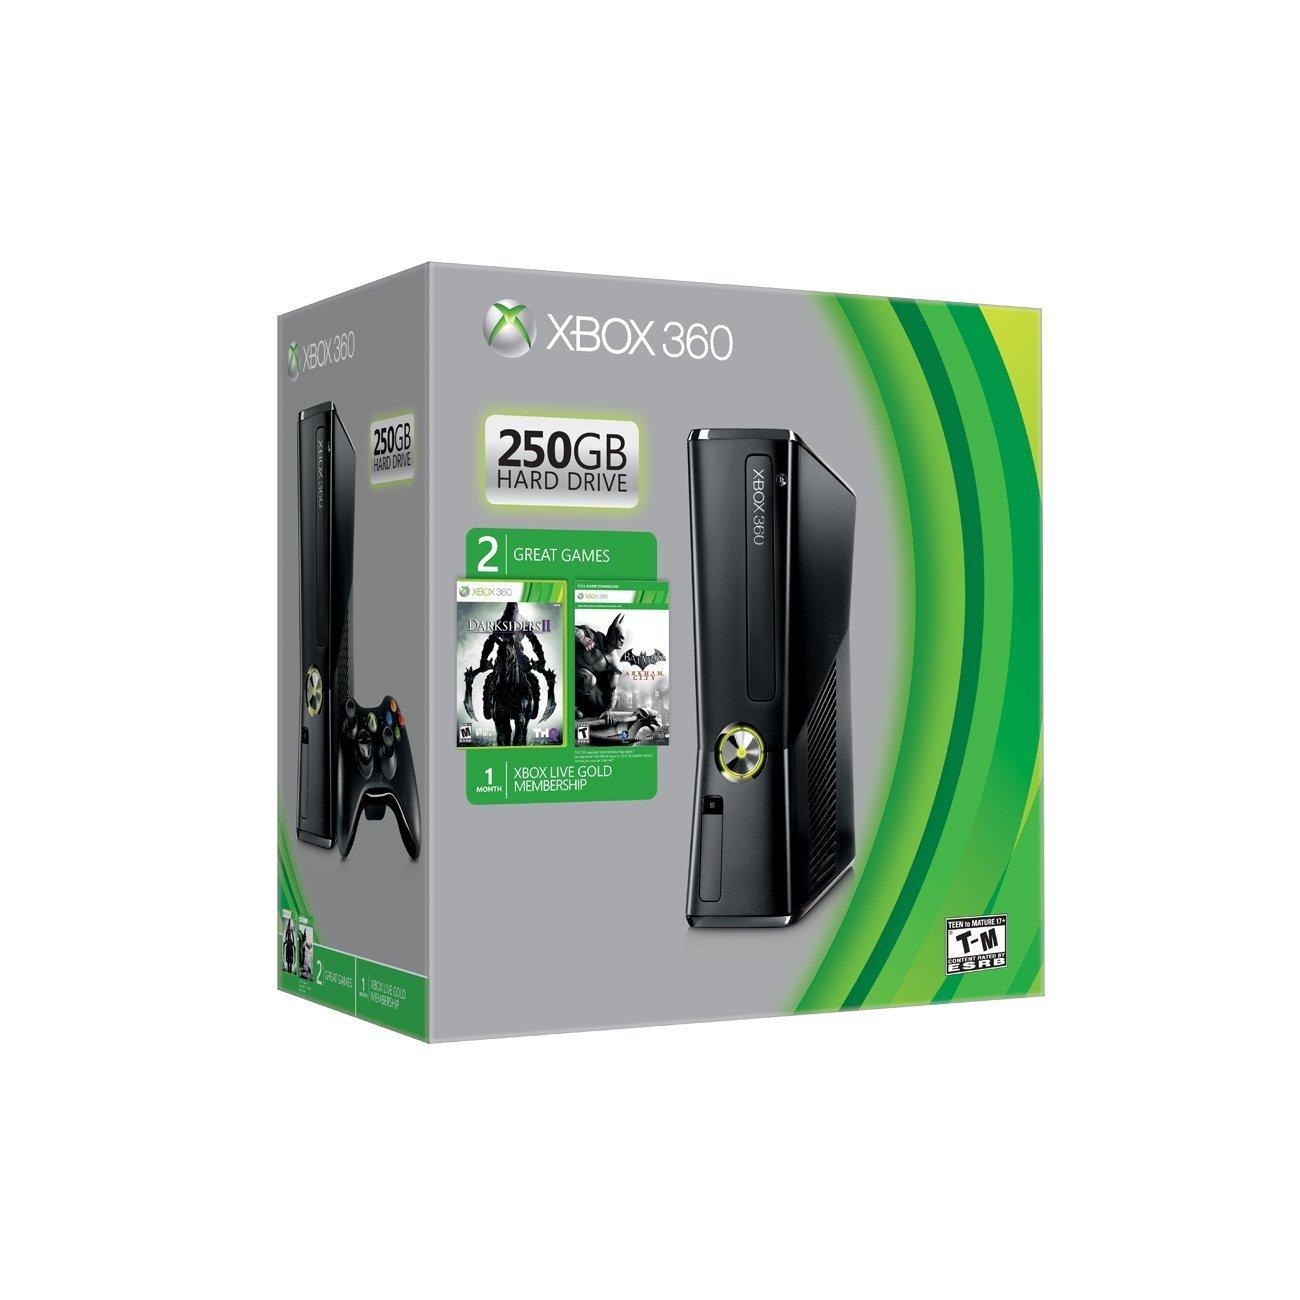 Xbox 360 250GB Spring Value Bundle